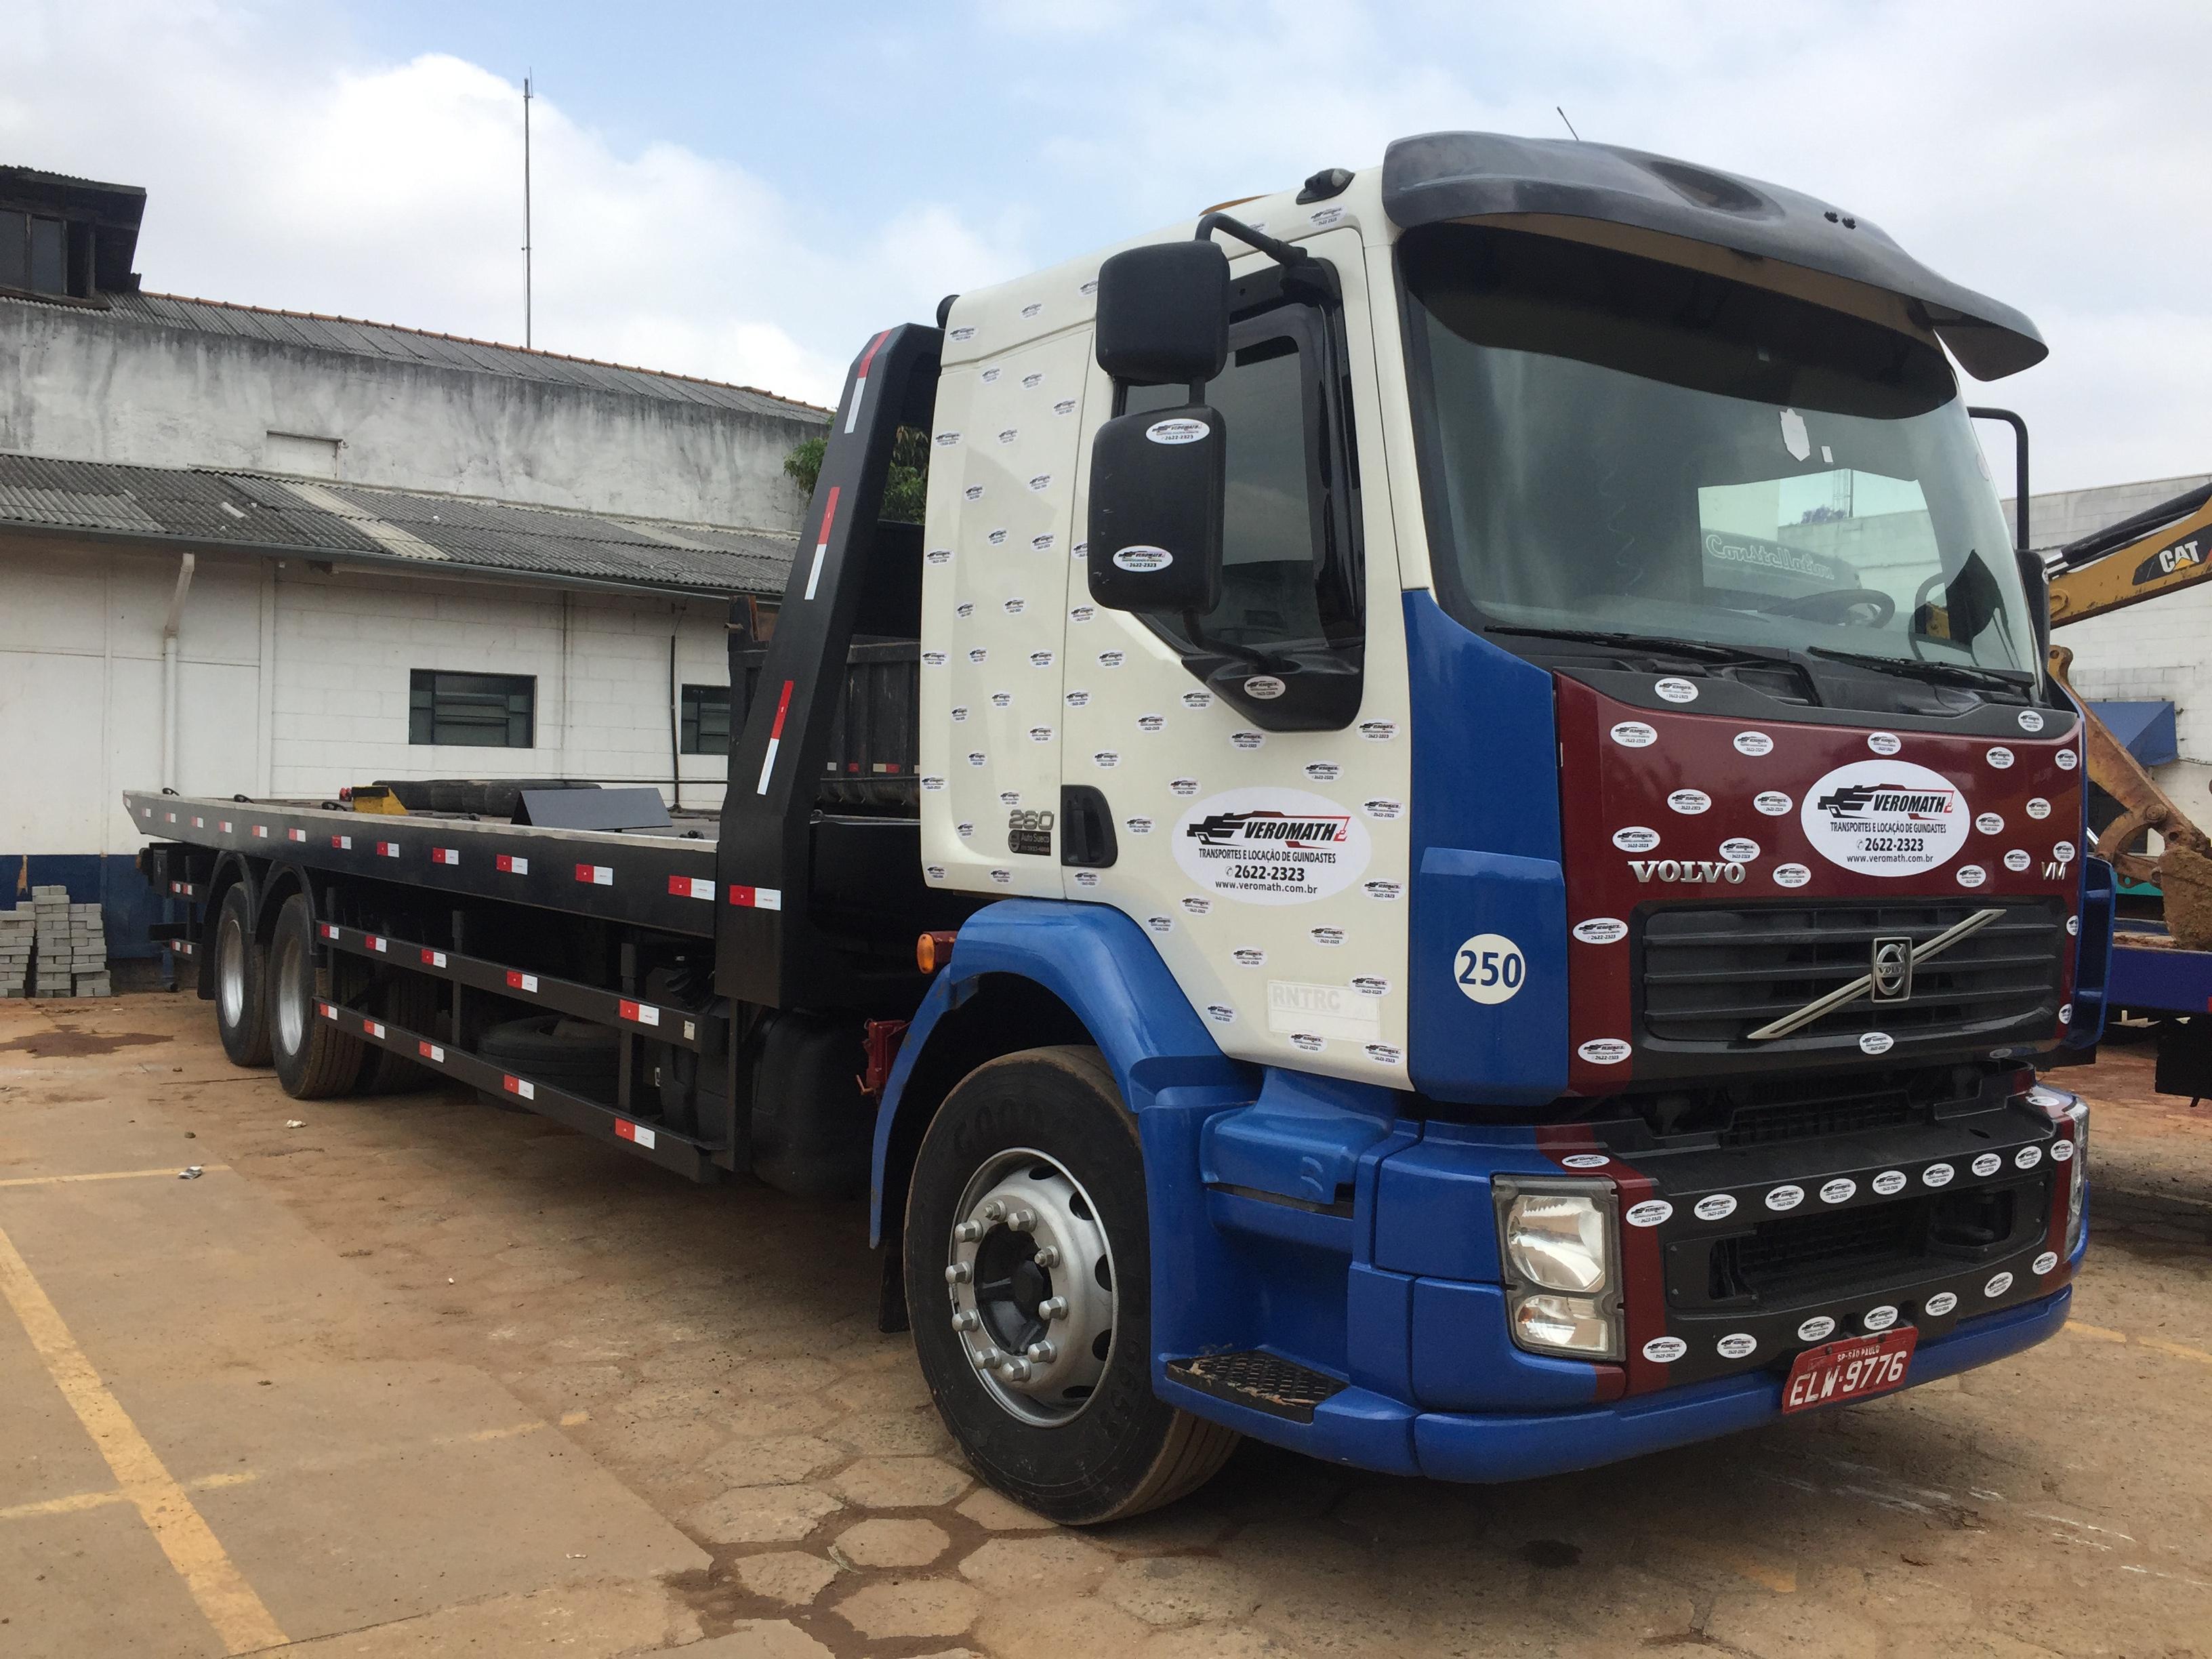 Caminhão Prancha plataforma para transporte de Máquinas e Equipamentos